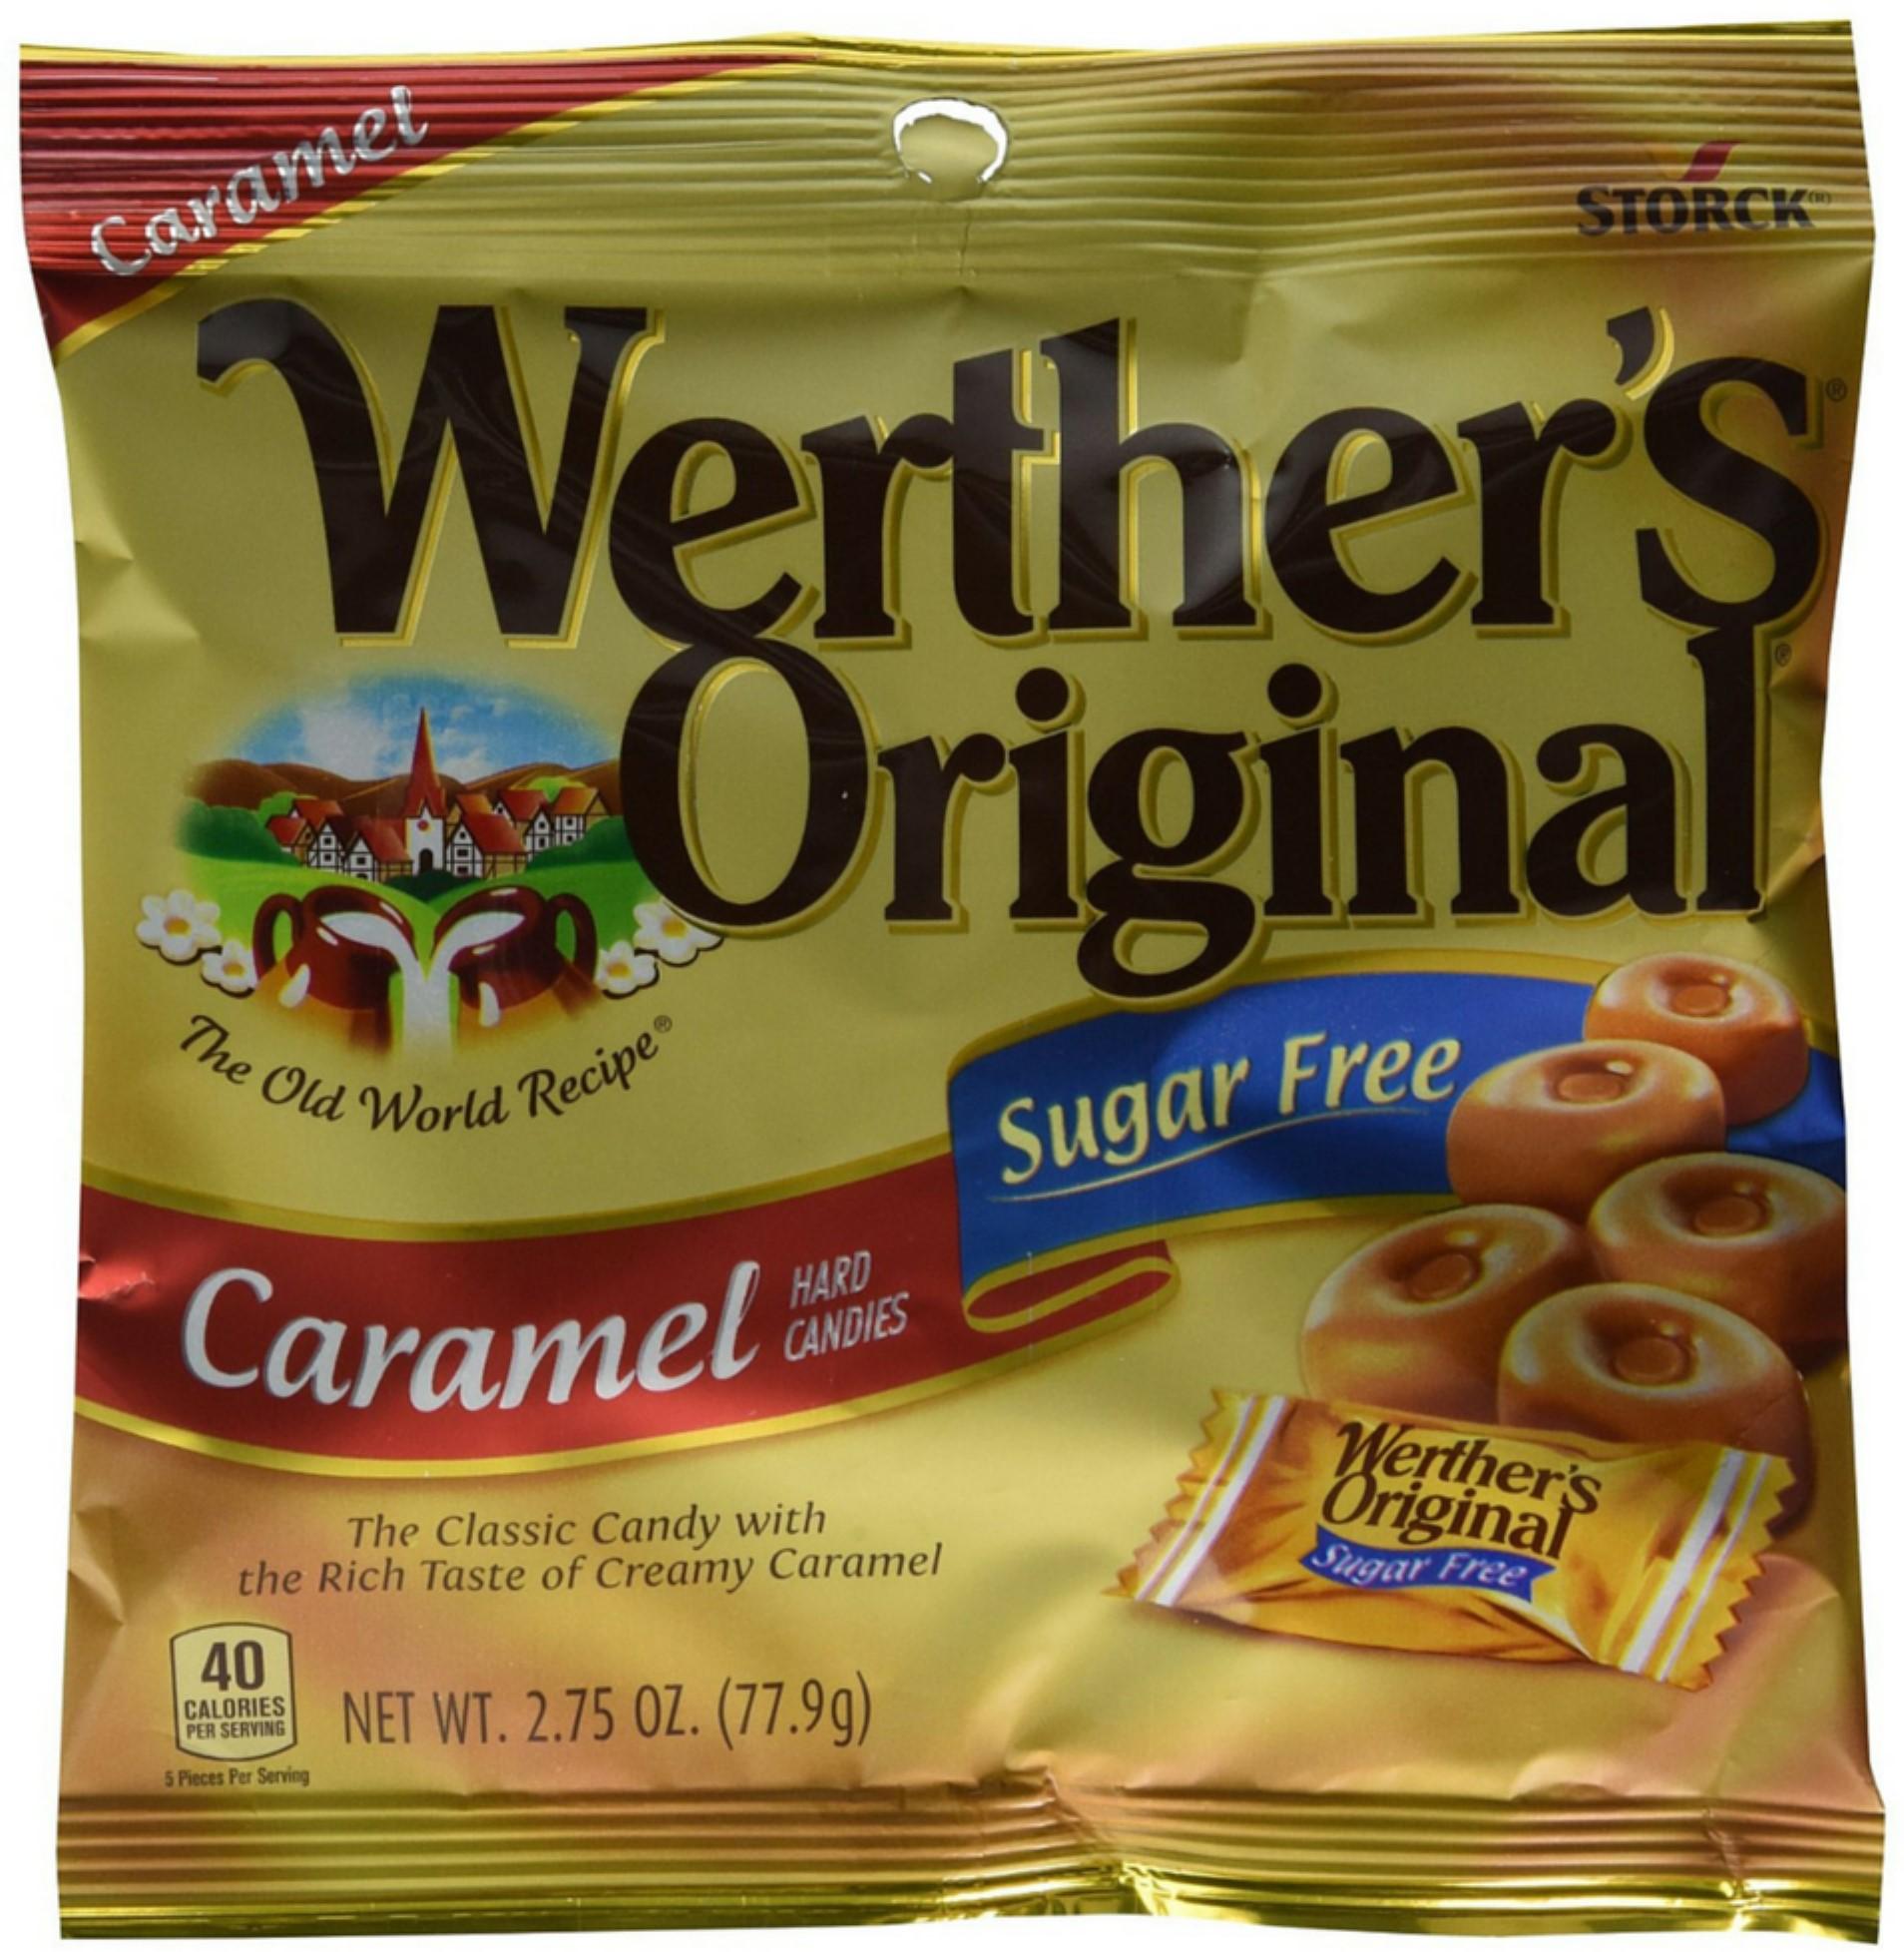 Werthers Original Sugar Free Caramel Hard Candies 12 pack...